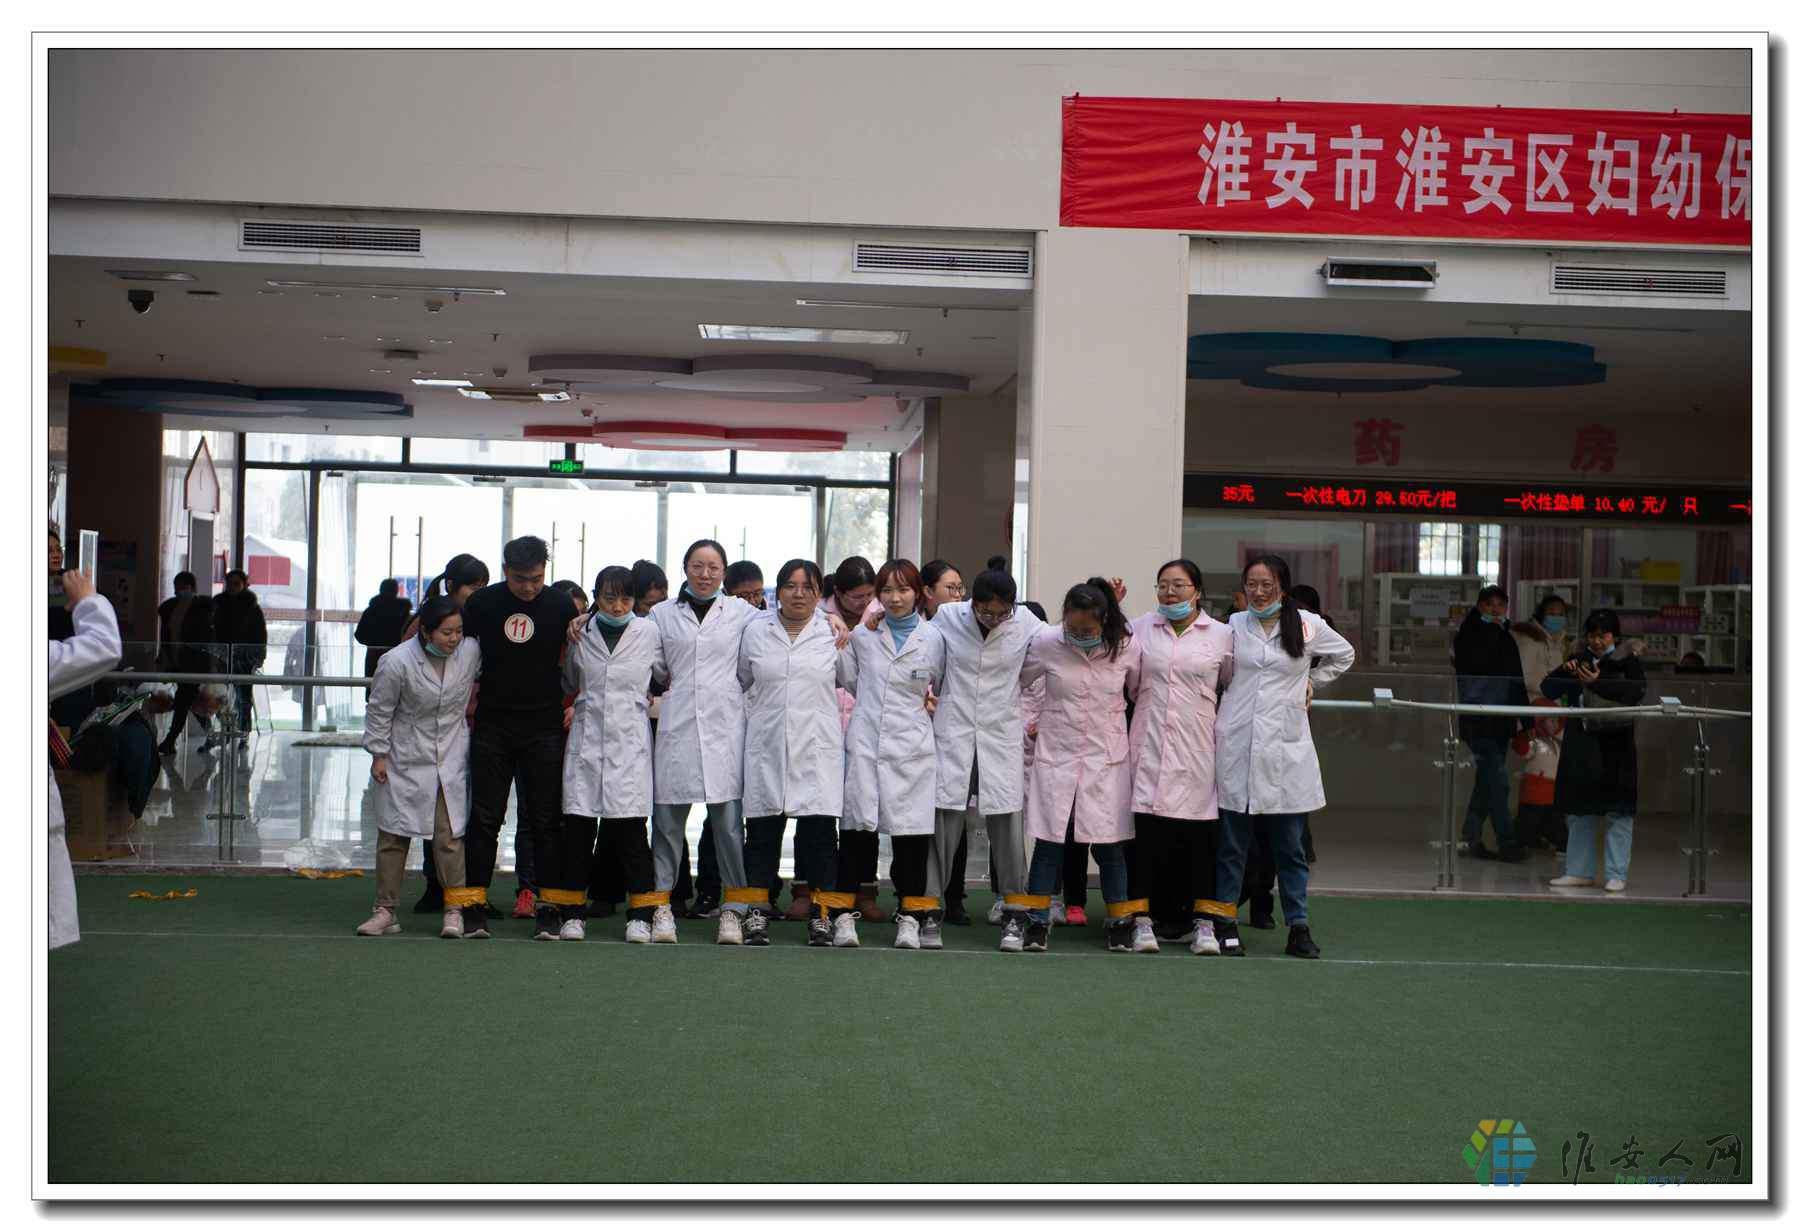 妇幼保健院职工运动会-3659.jpg